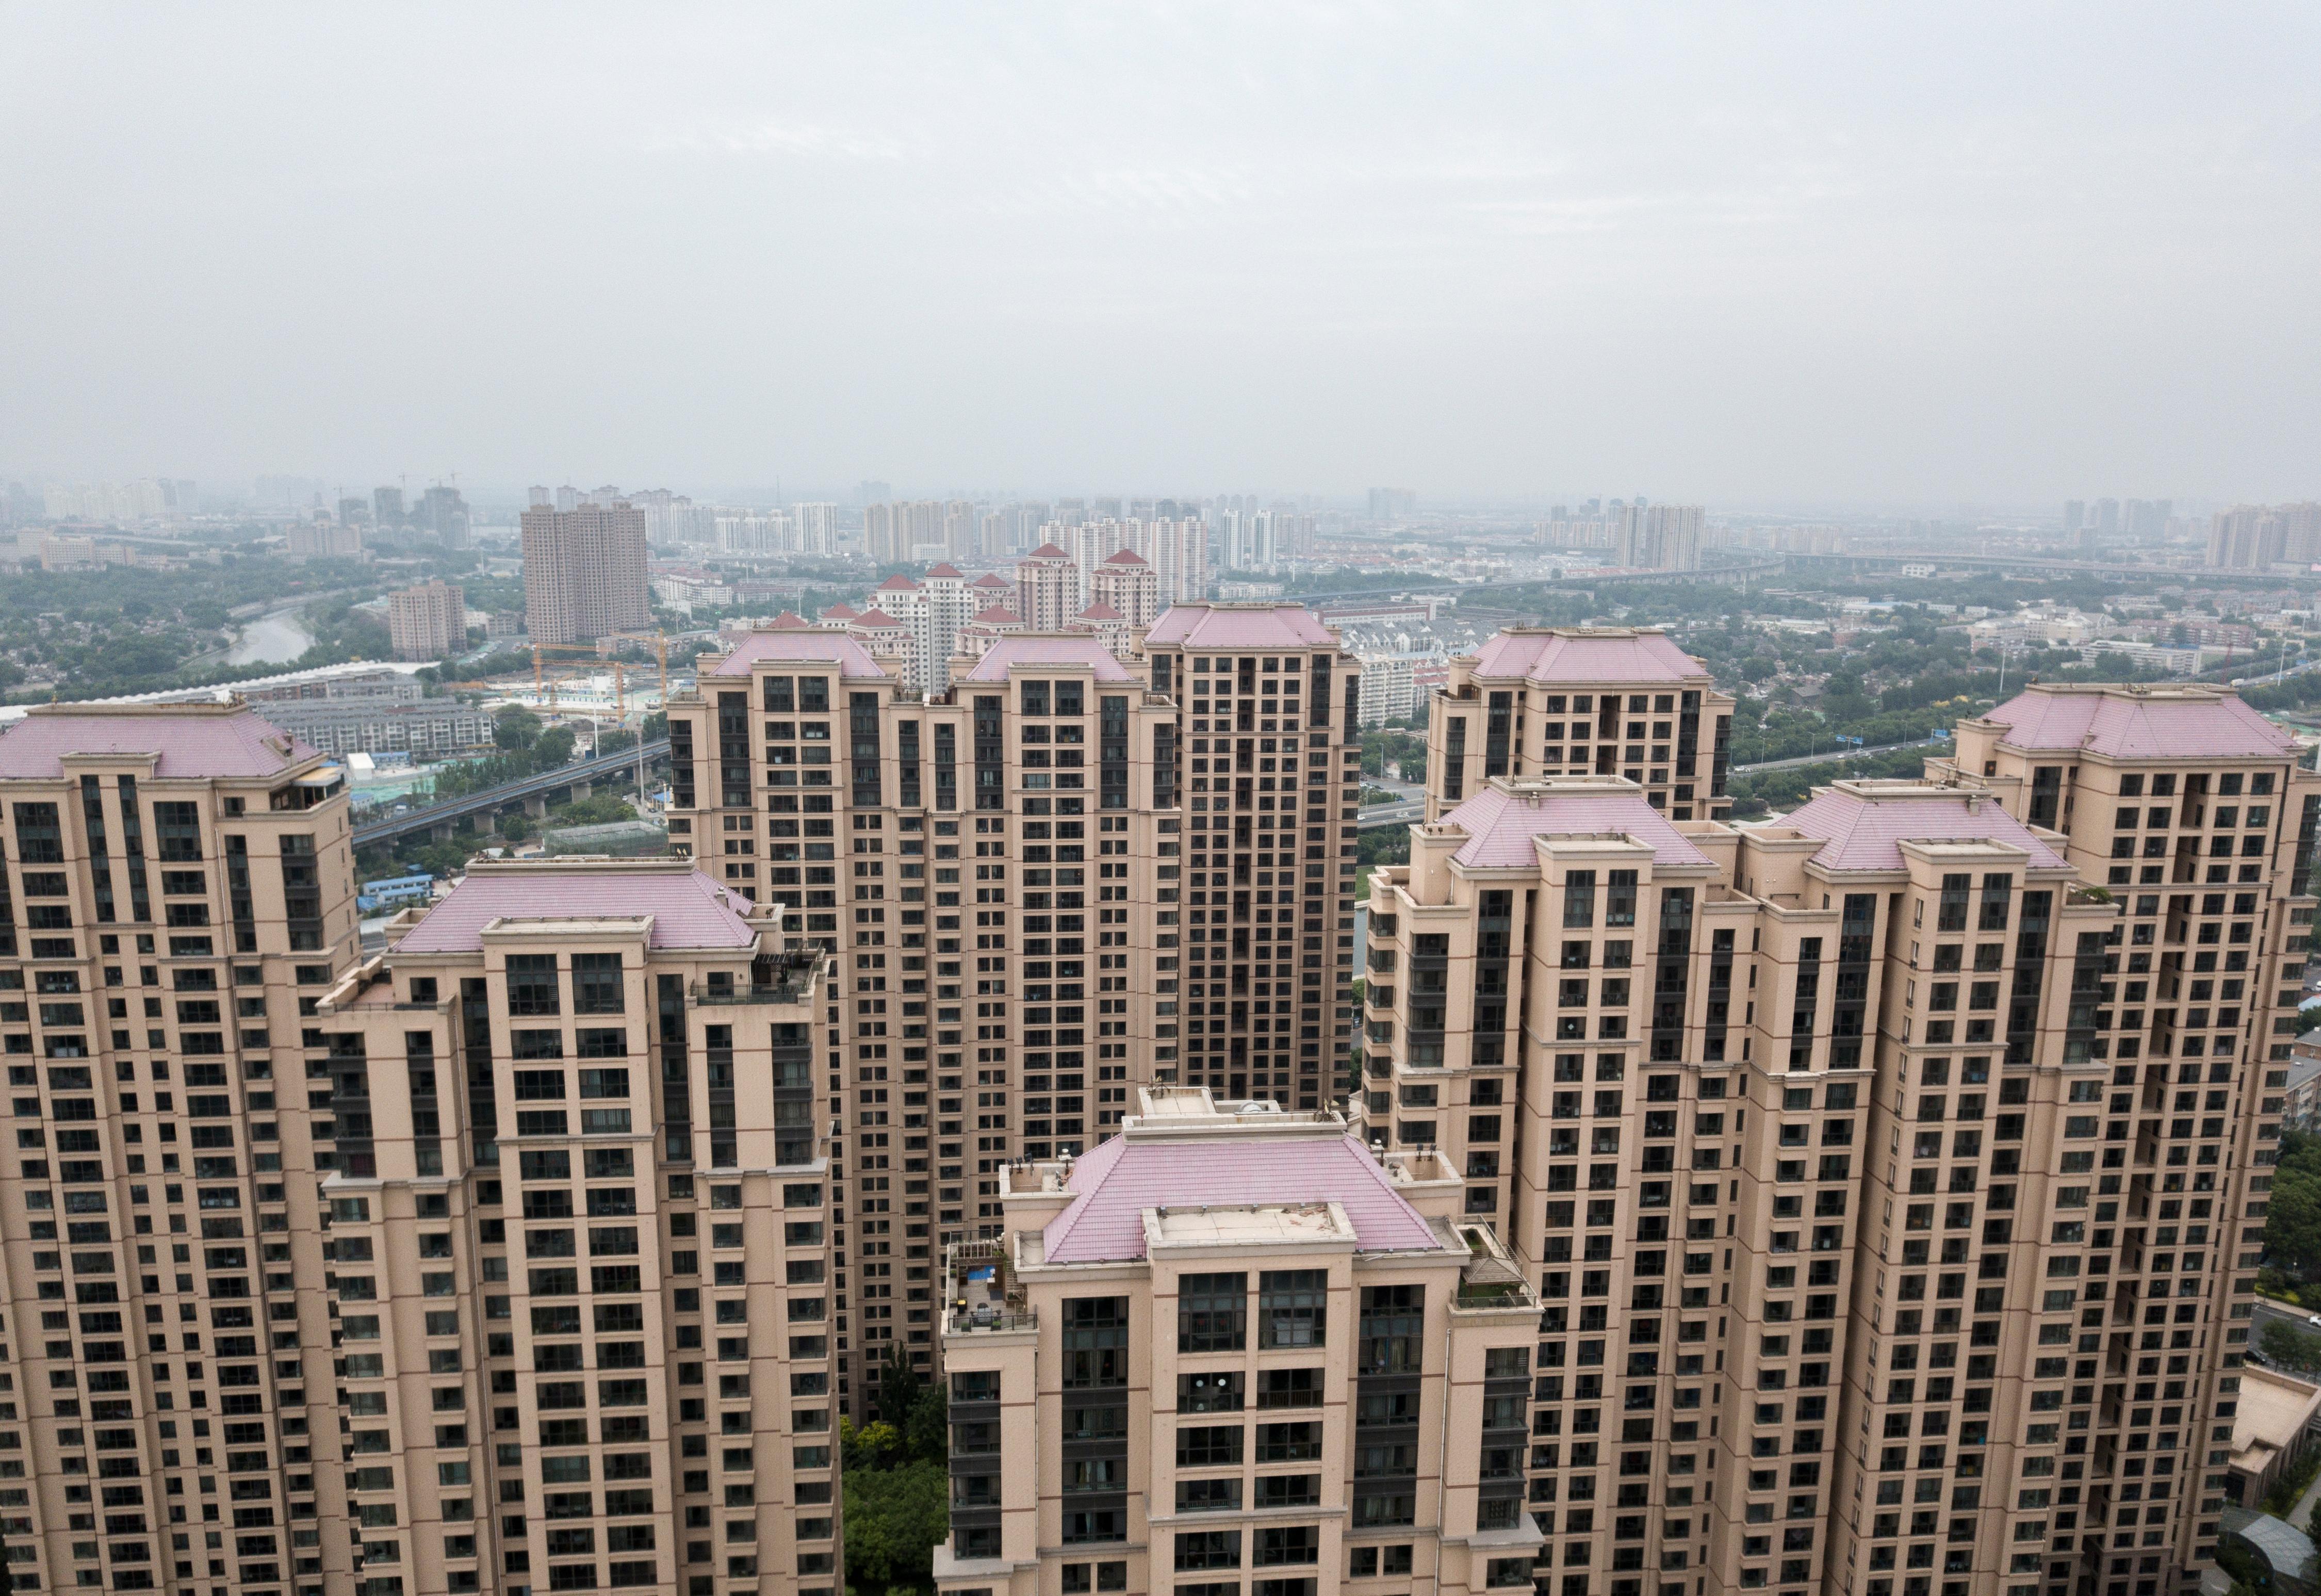 北京二手住宅價格連續6個月下跌,有的直接砍價300萬元,名校學區房也出現百萬降幅。圖為示意照。(AFP)